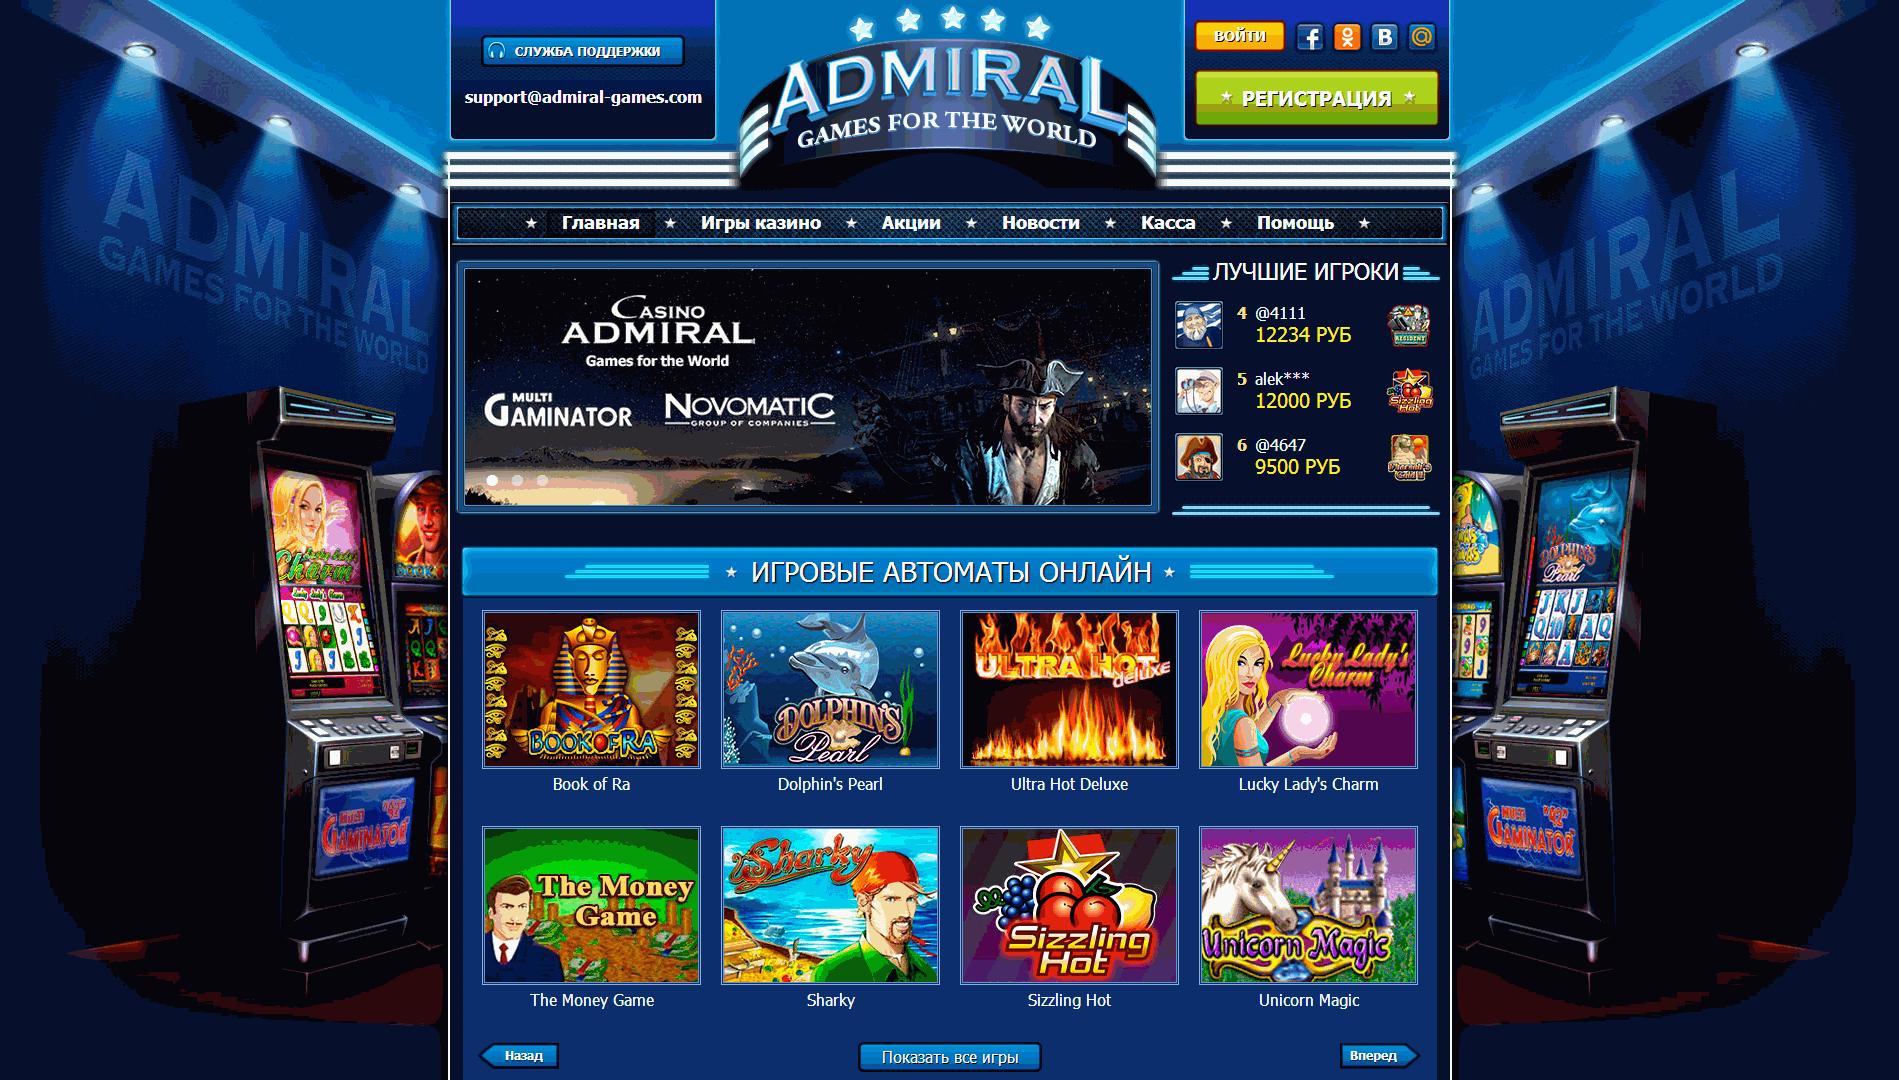 Игровые автоматы онлайн в хорошем качестве бесплатно азартные бесплатные игровые автоматы онлайн бесплатно